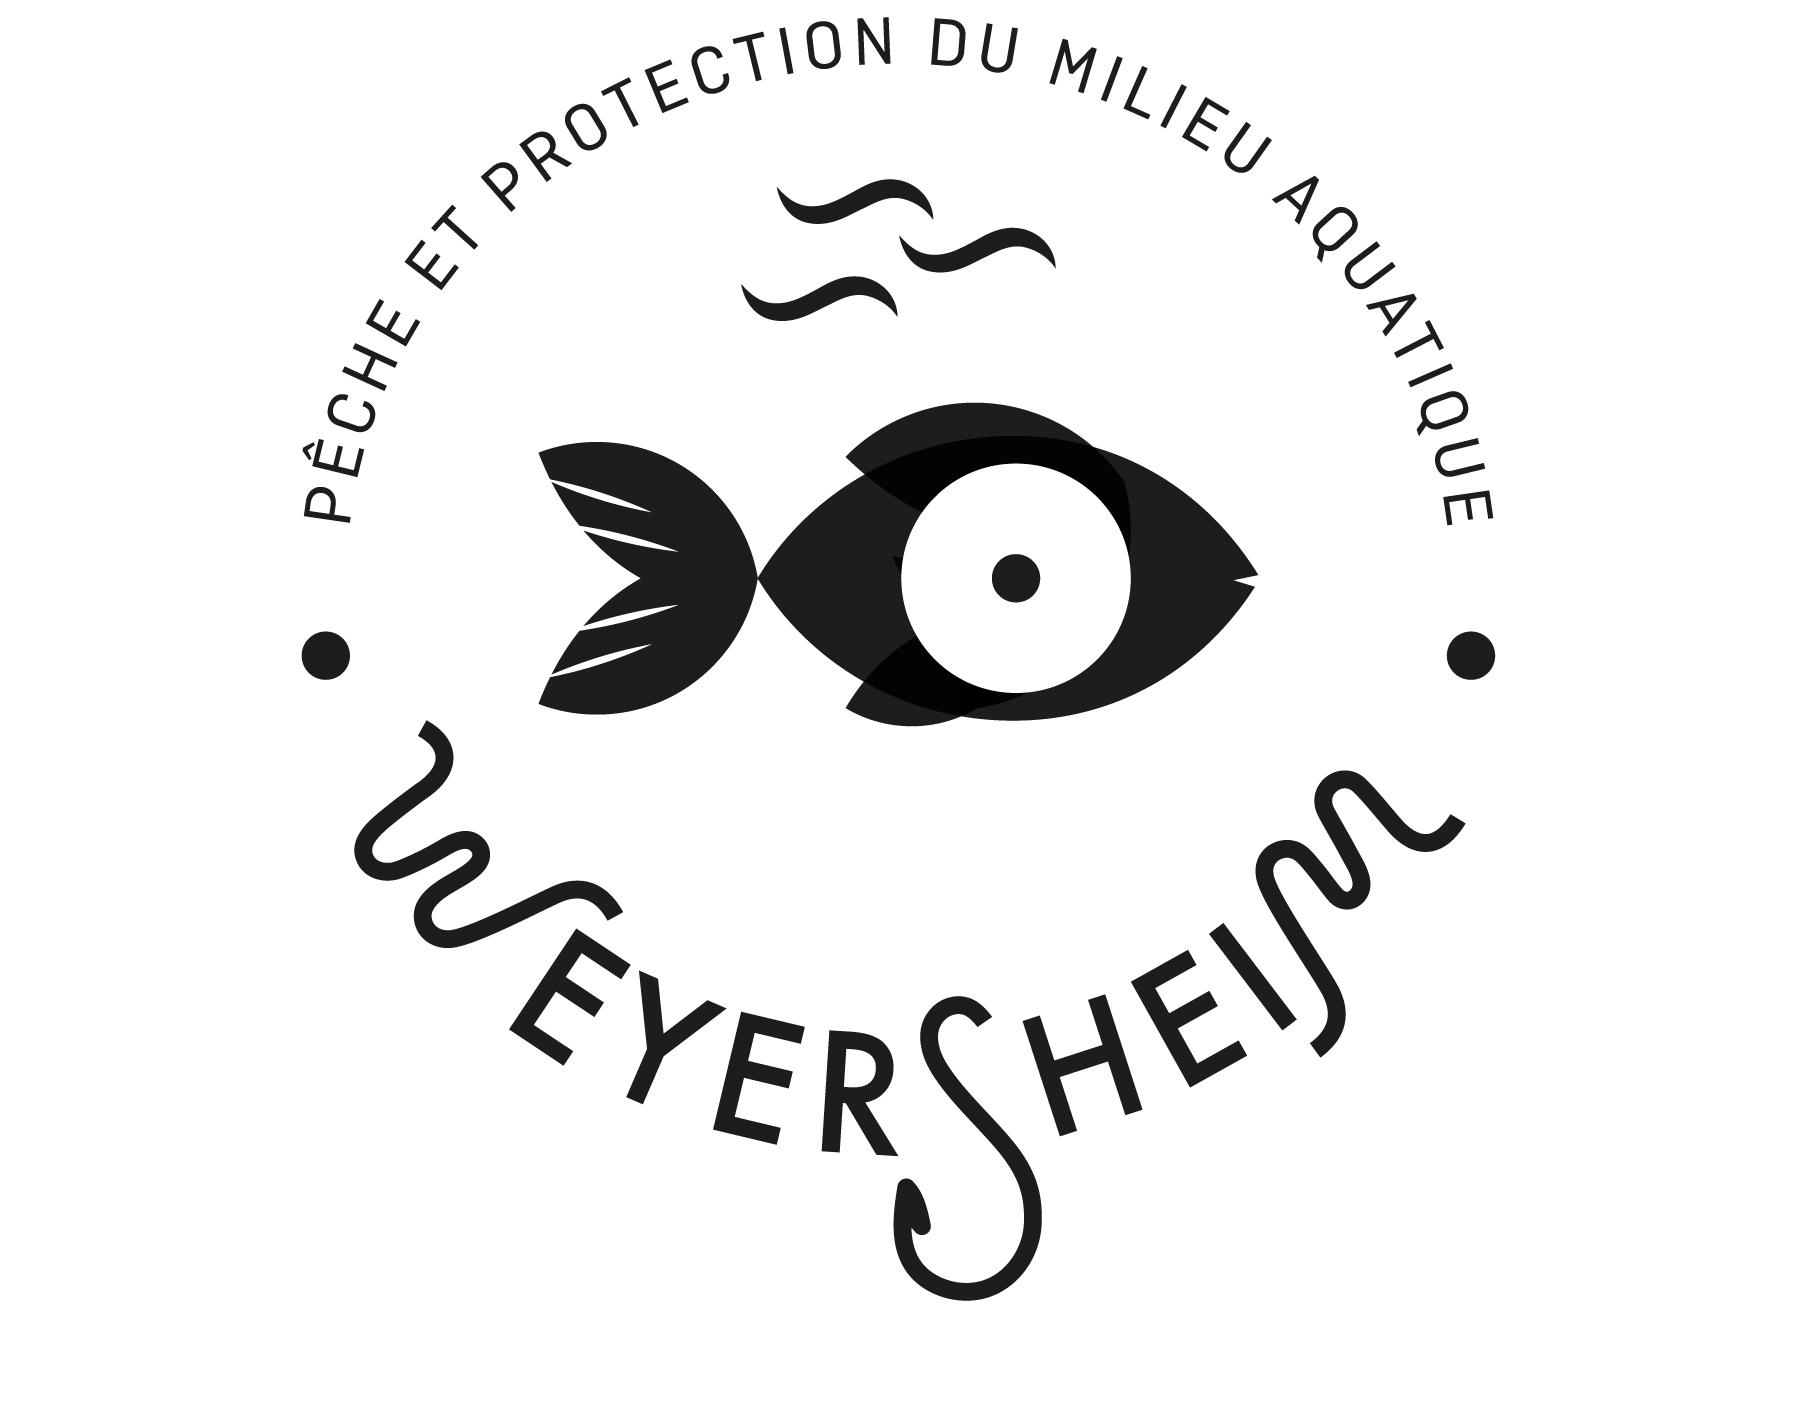 création logo - asso Weyersheim